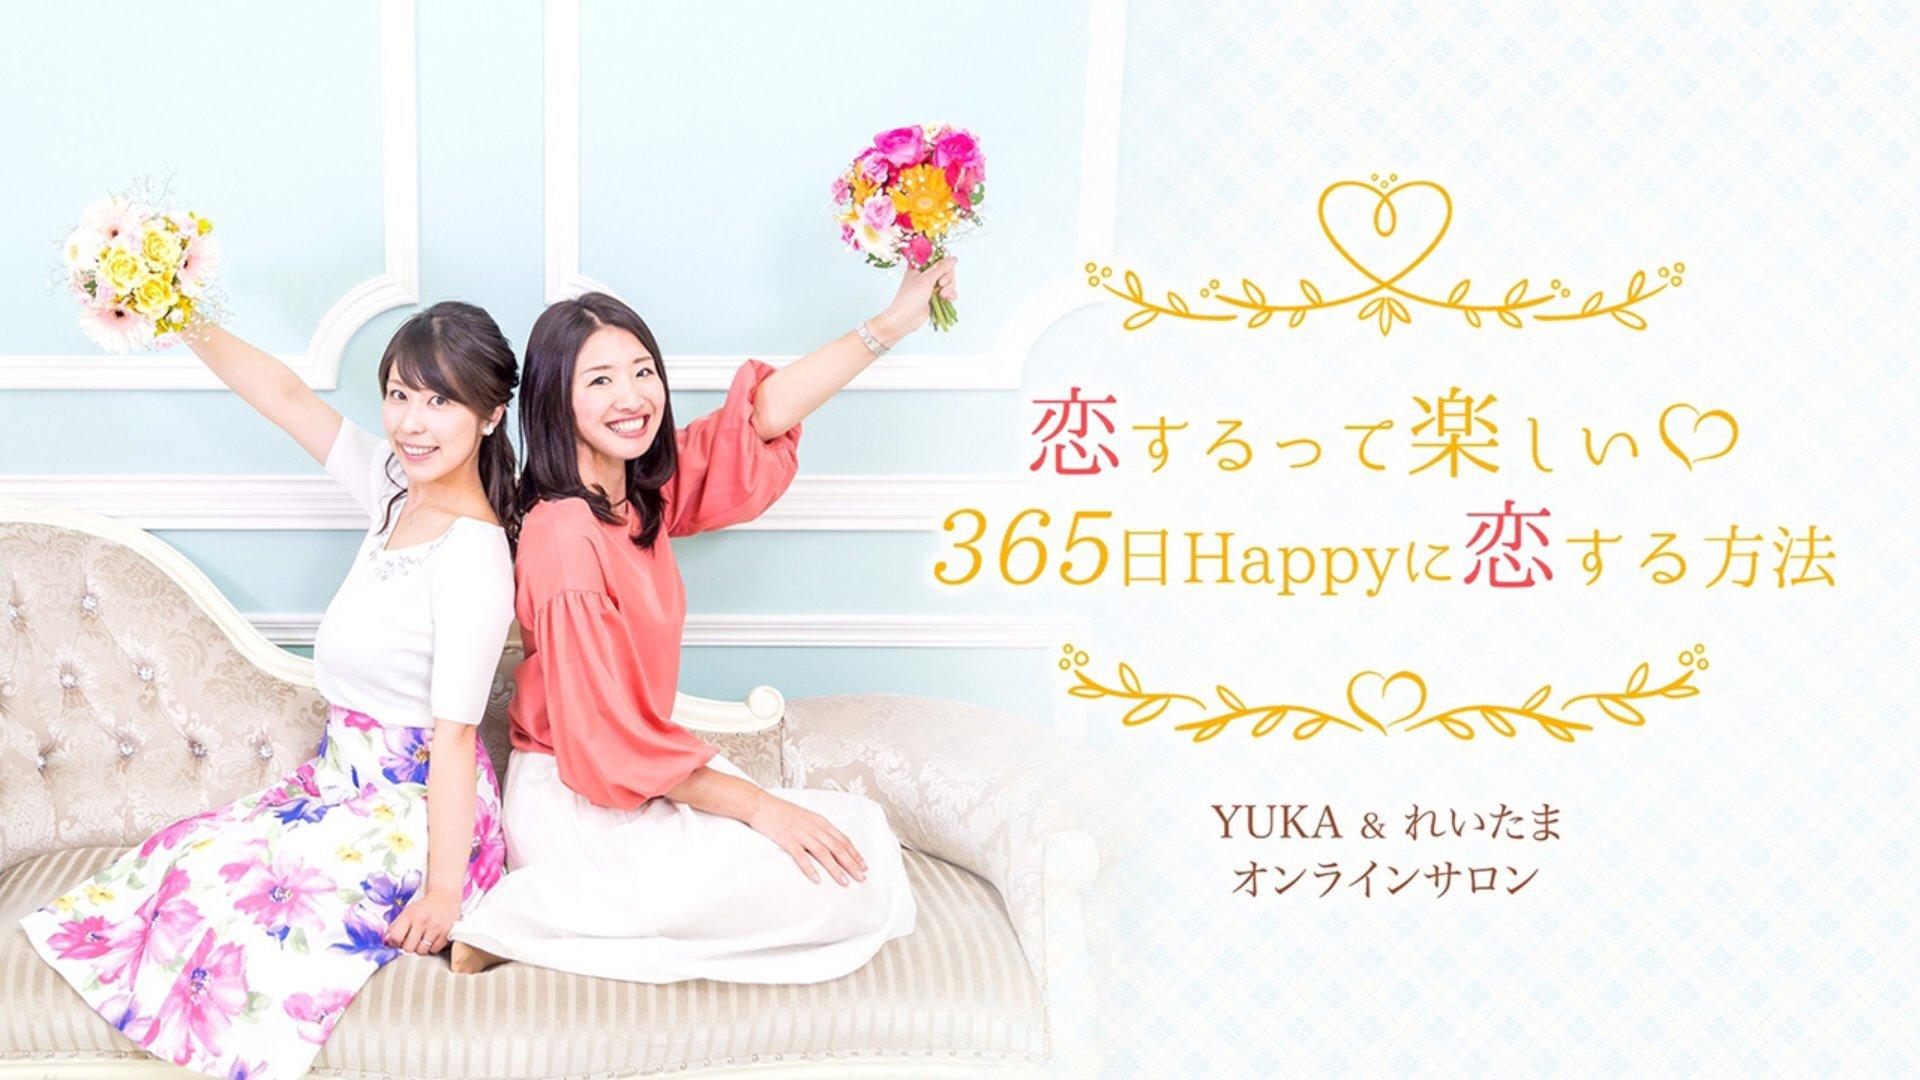 YUKA&れいたま - 恋するって楽しい♡365日Happyに恋する方法 - DMM オンラインサロン